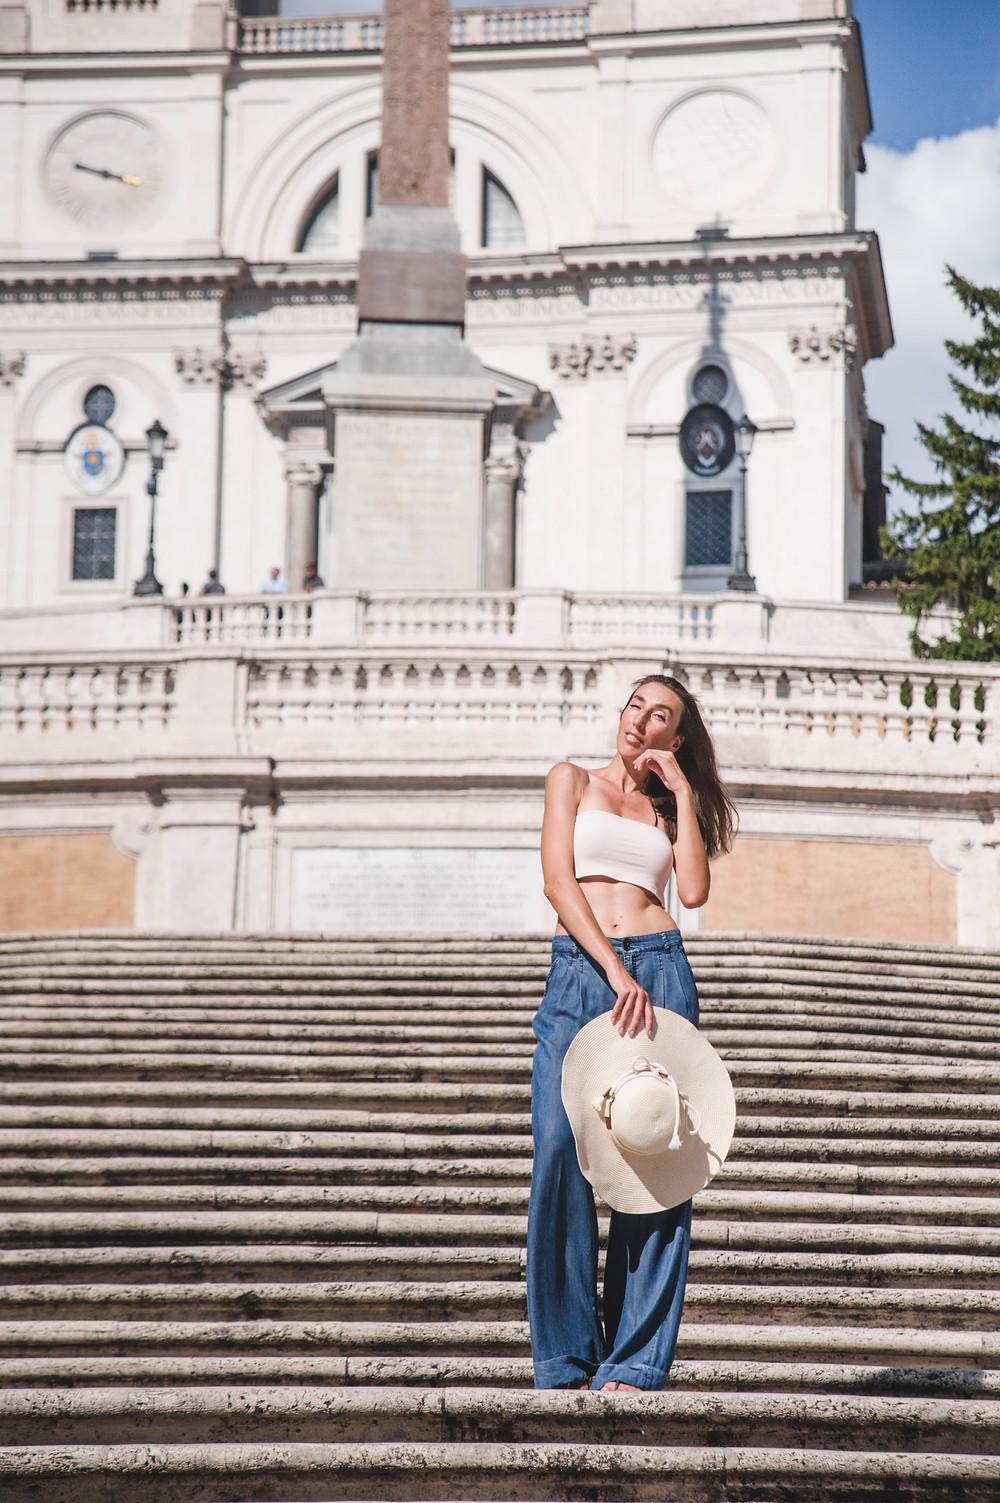 photo shoot at Spanish steps in Rome, фотосессия на испанской лестнице в Риме